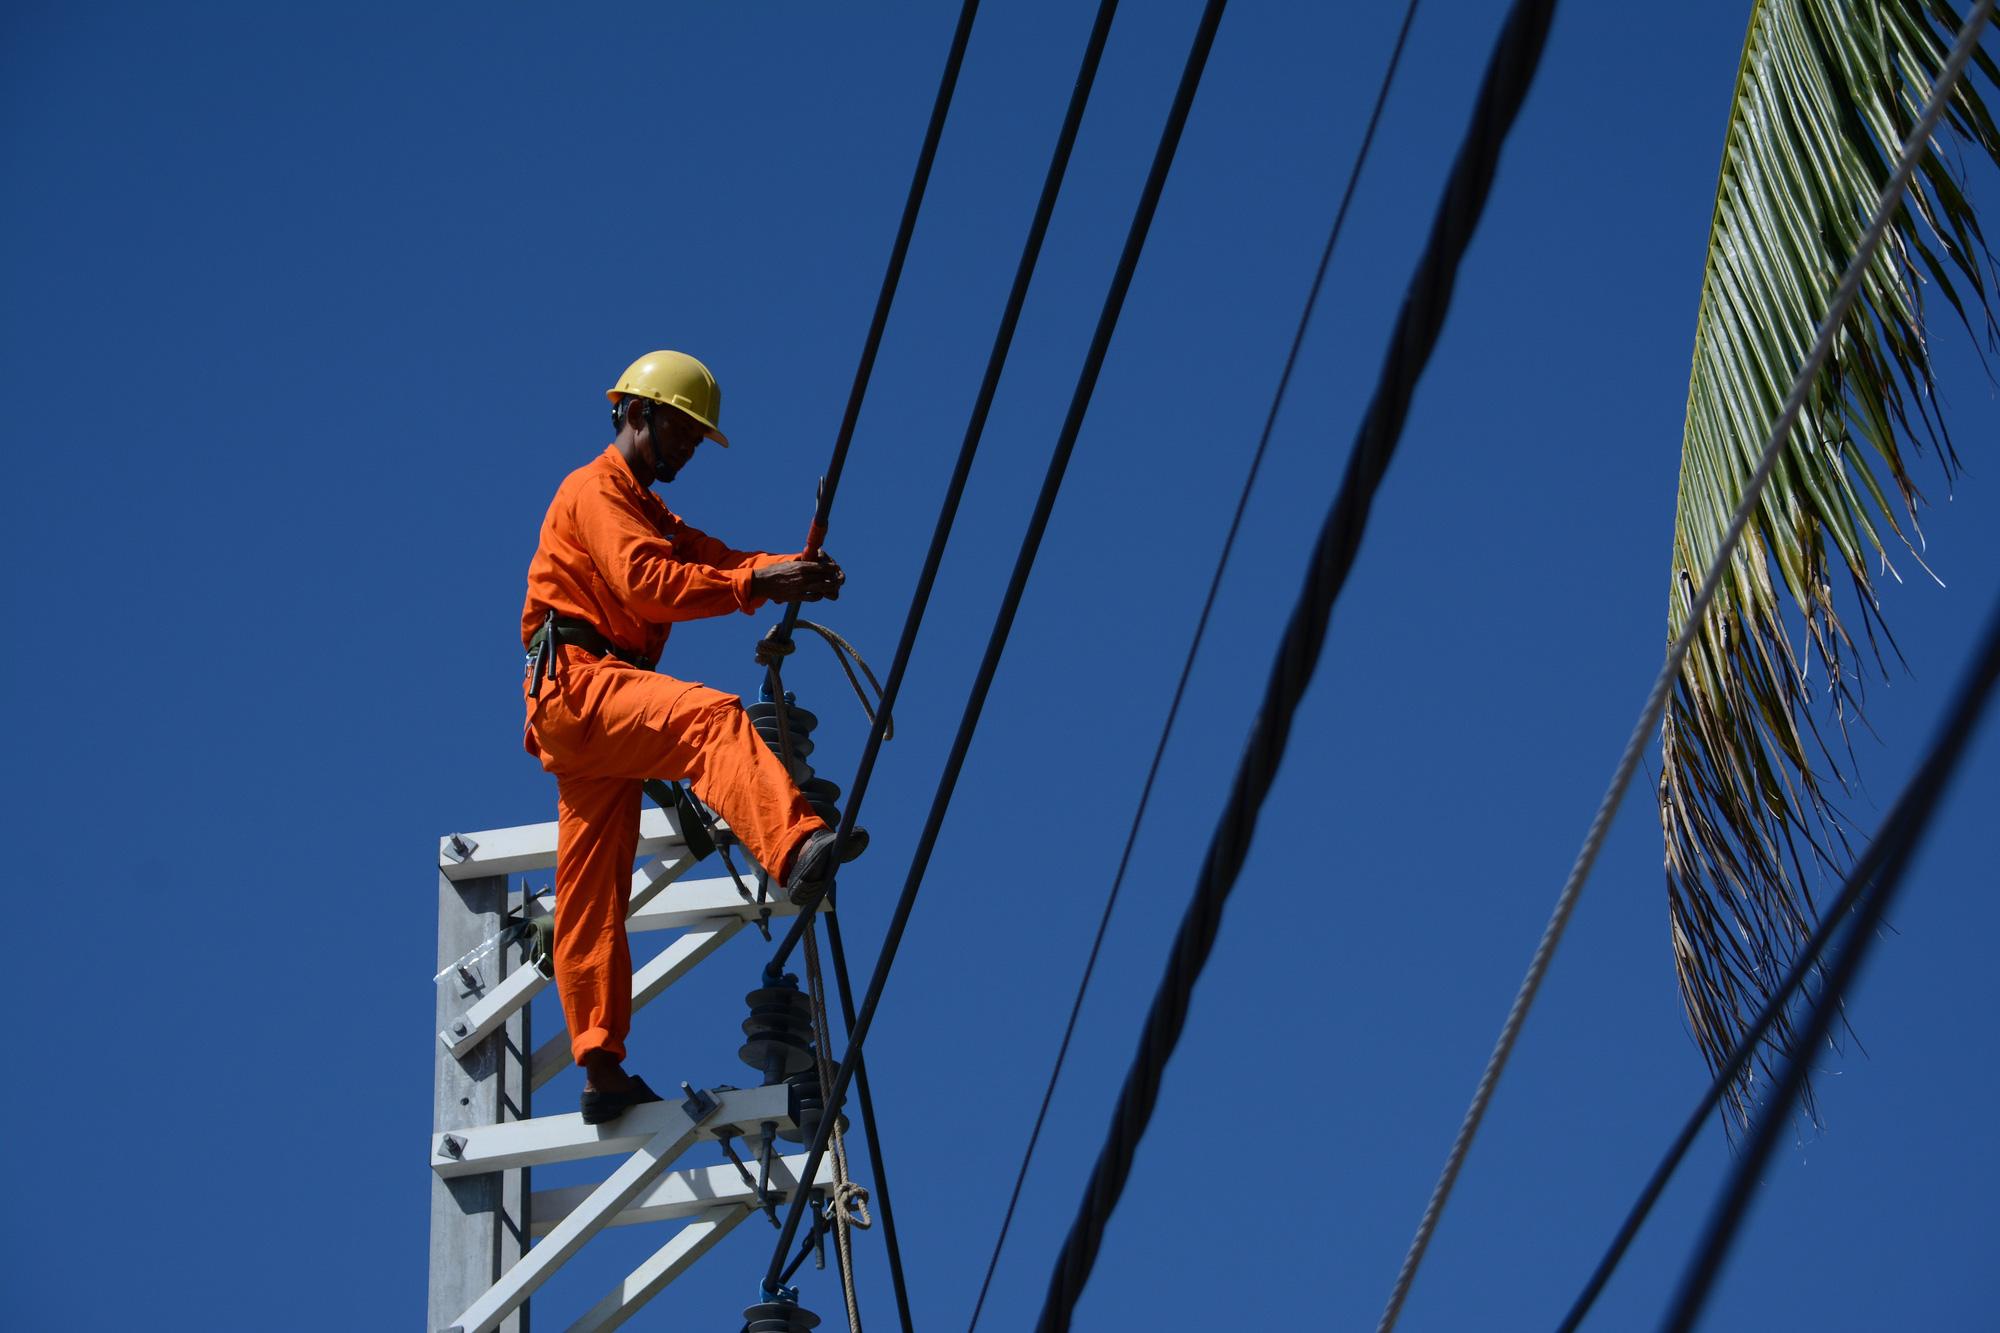 Việt Nam sẽ nhập gần 1,5 tỉ kWh điện từ Lào mỗi năm - Ảnh 1.